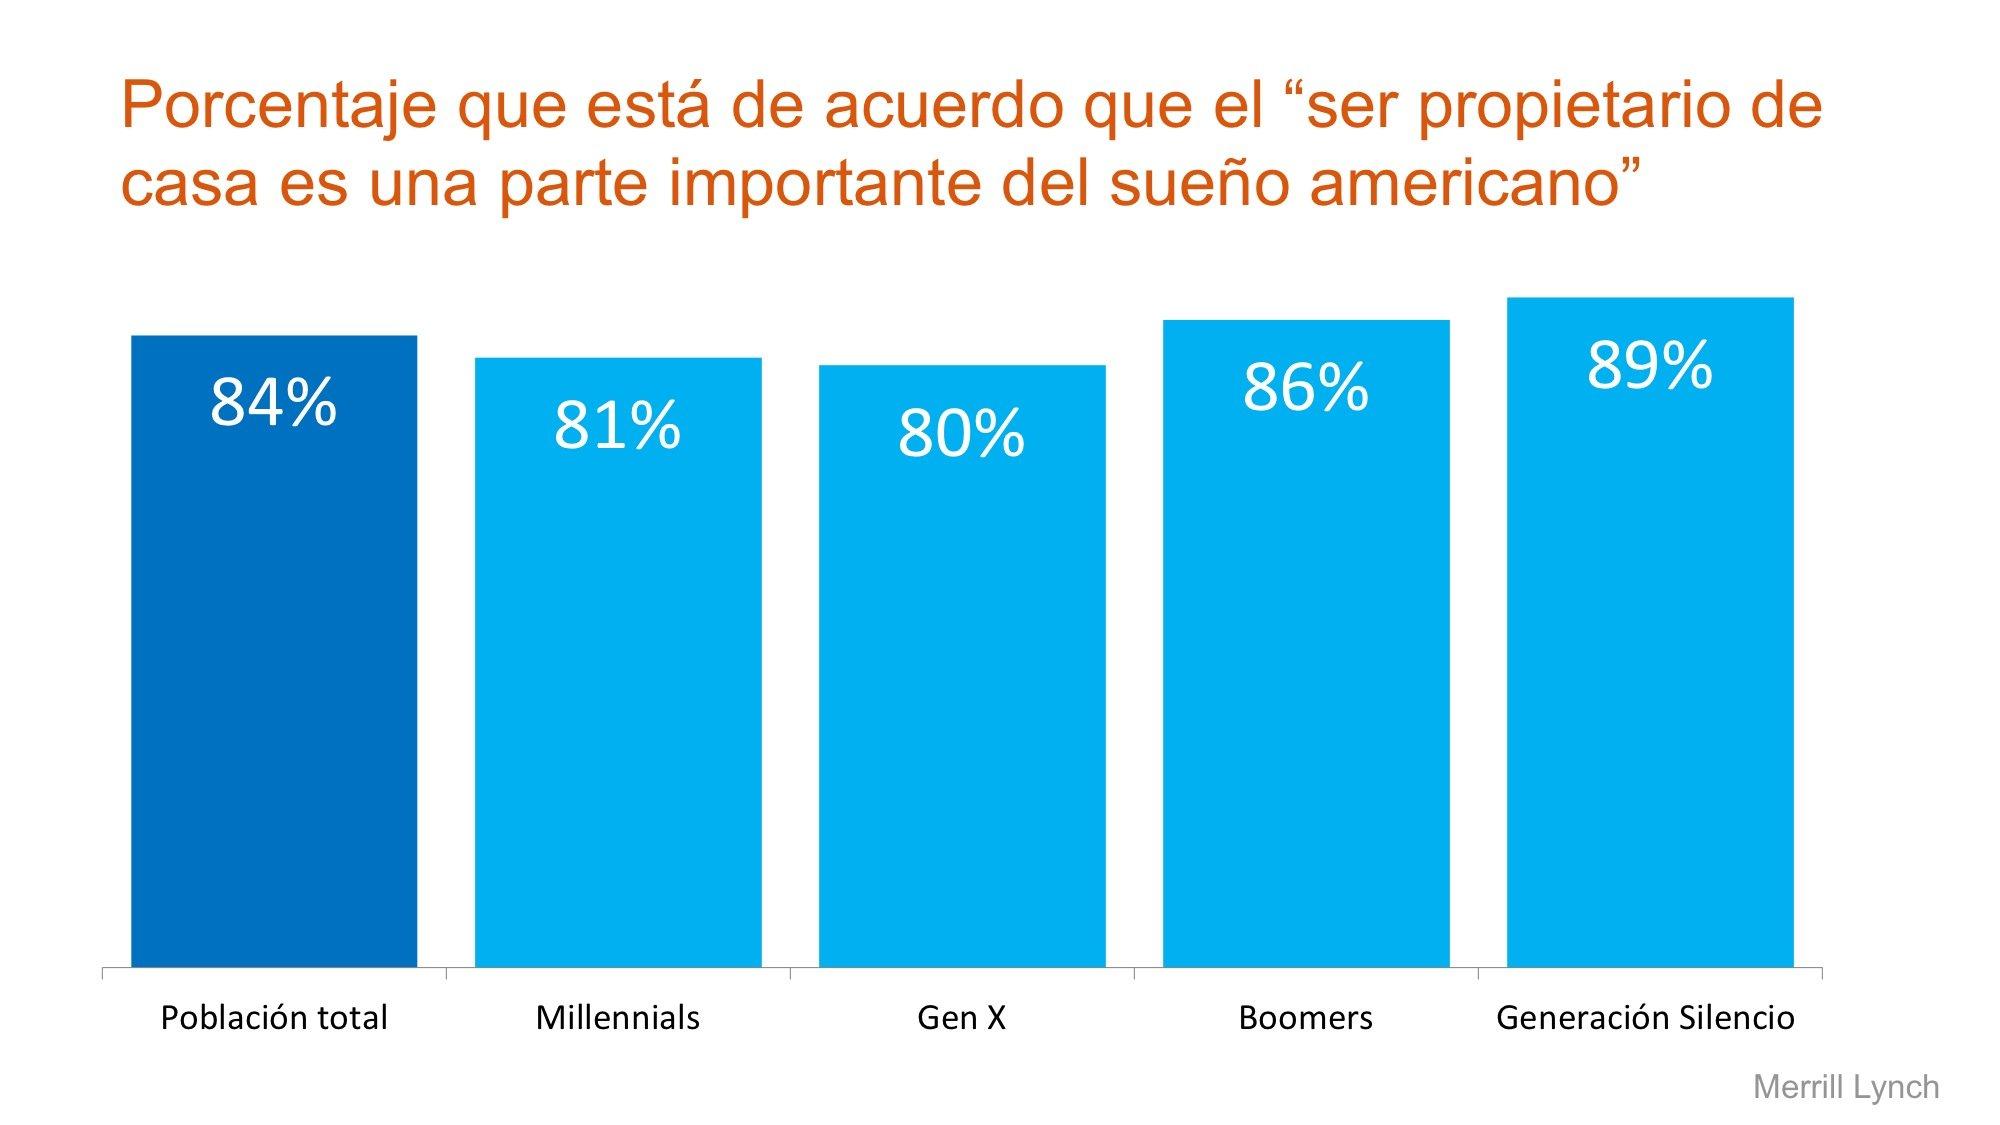 sueño americano por generación| Simplifying The Market